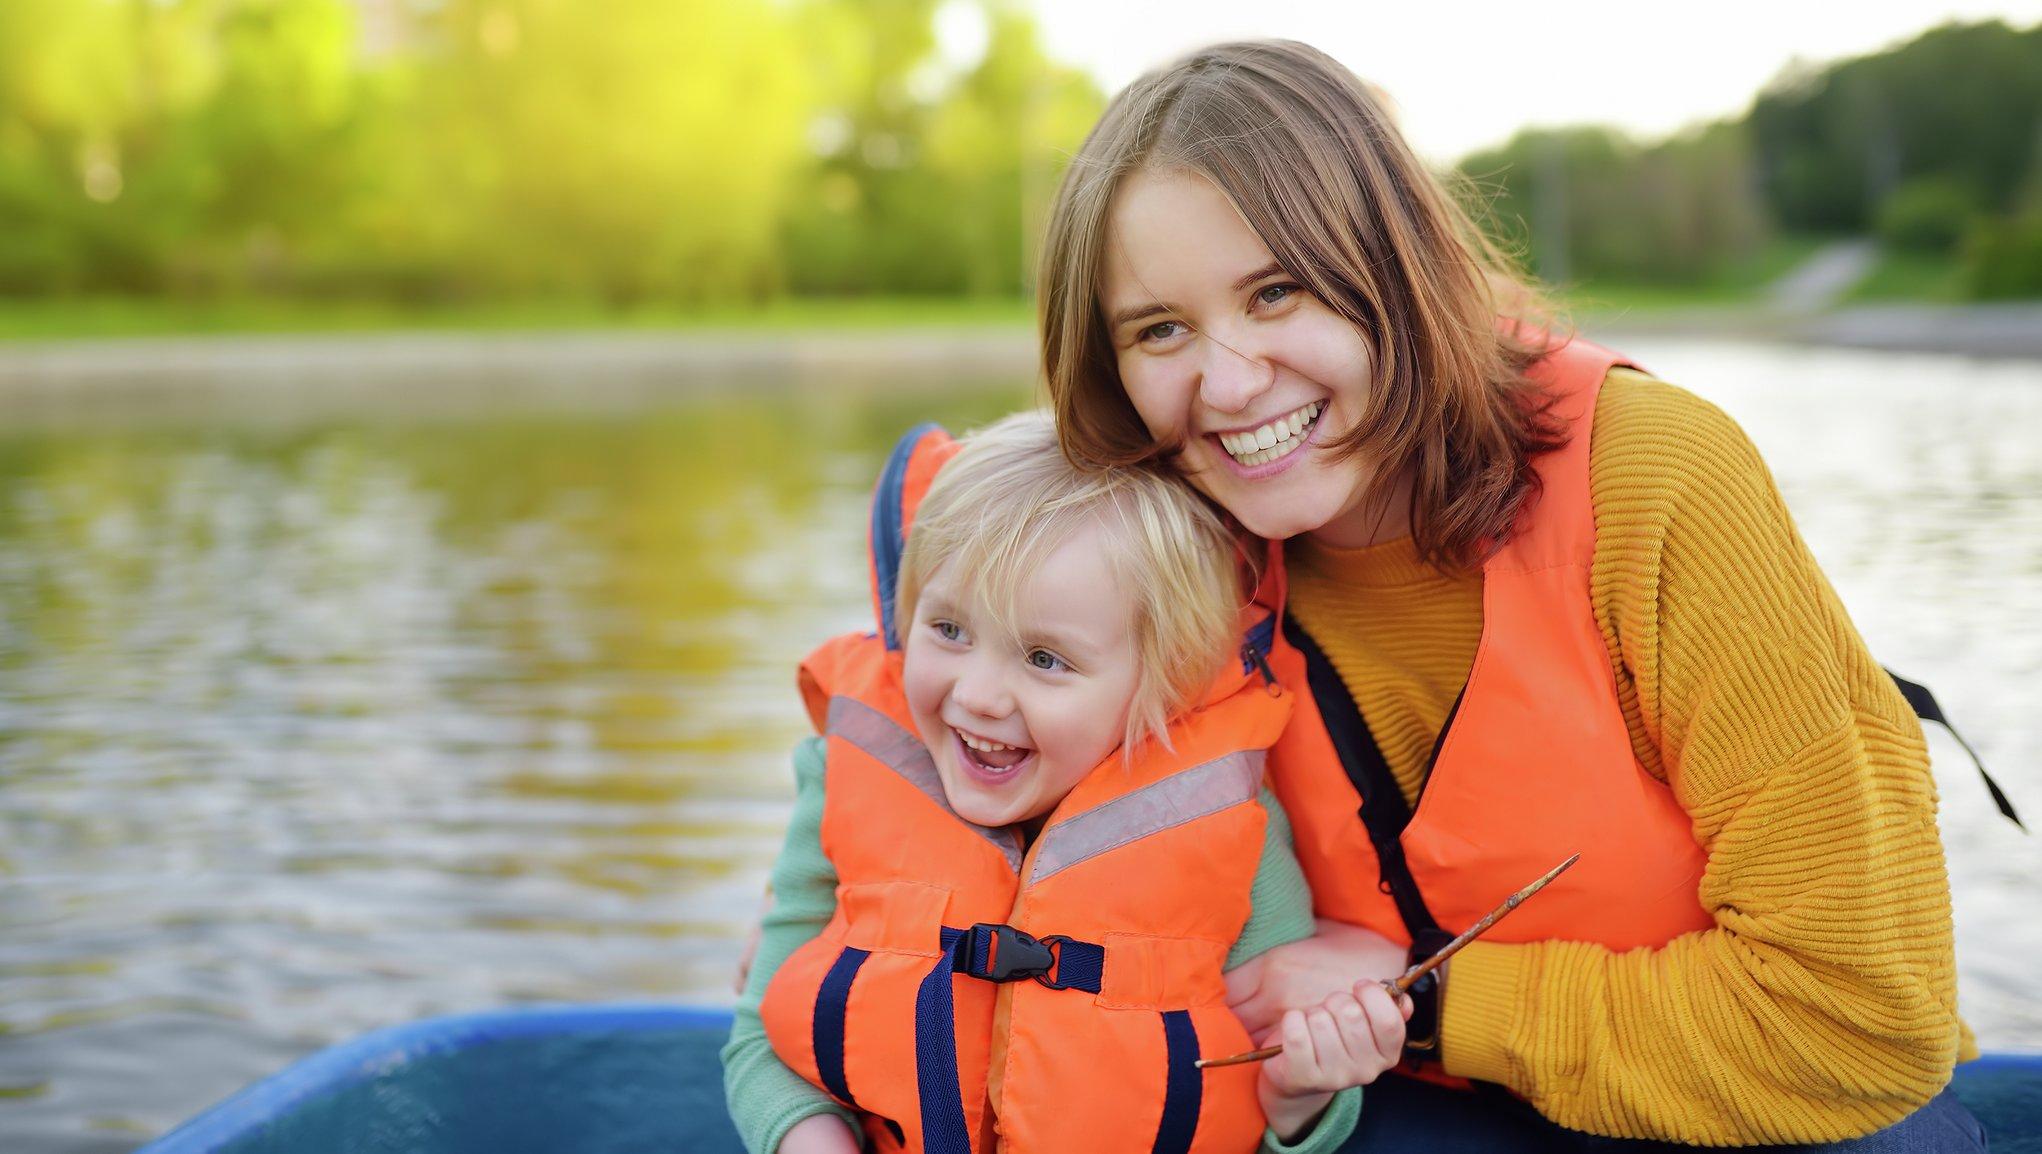 Flytväst för barn och vuxna